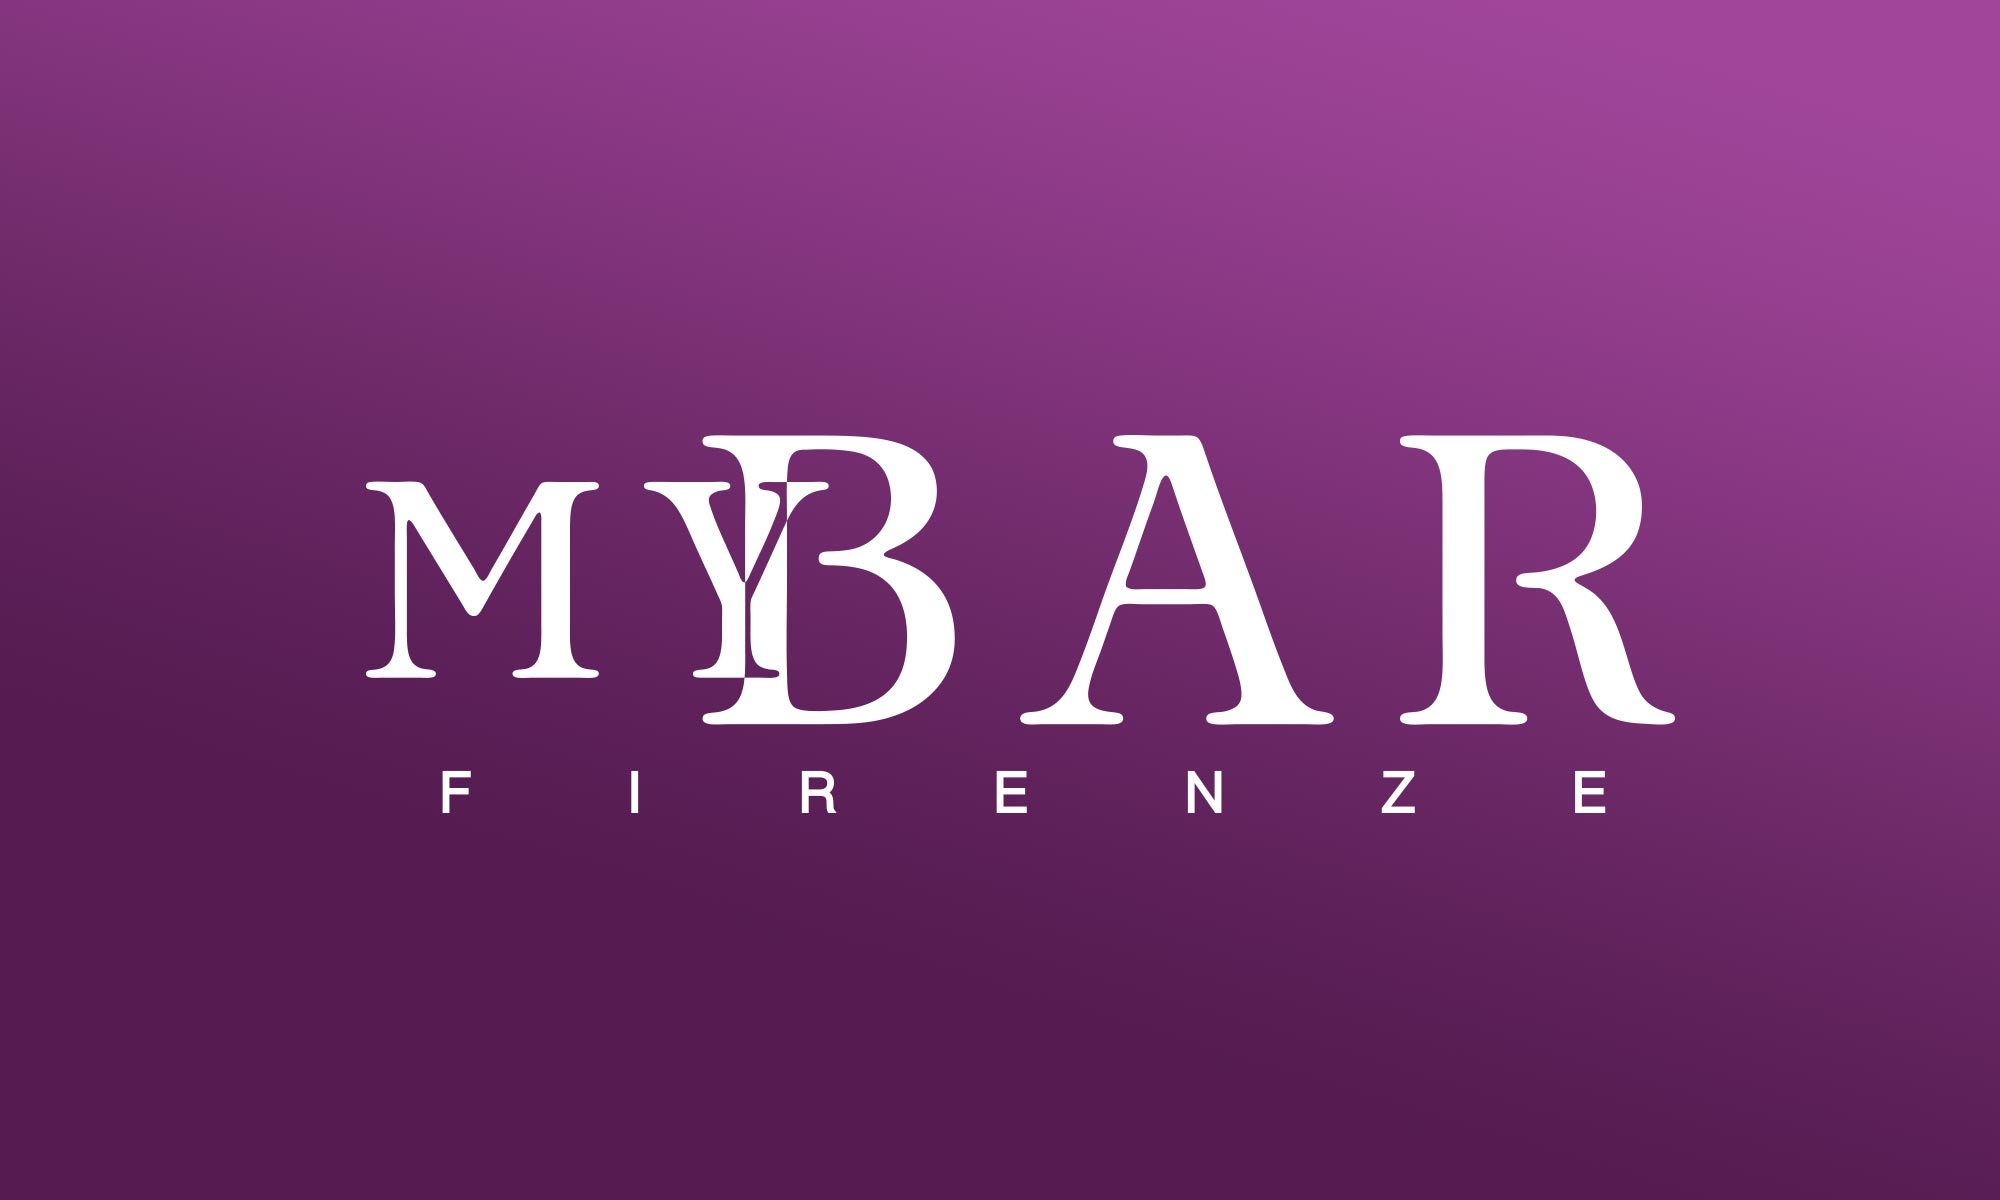 https://www.atelierzoz.com/wp-content/uploads/2020/03/works_mybar-firenze-1.jpg